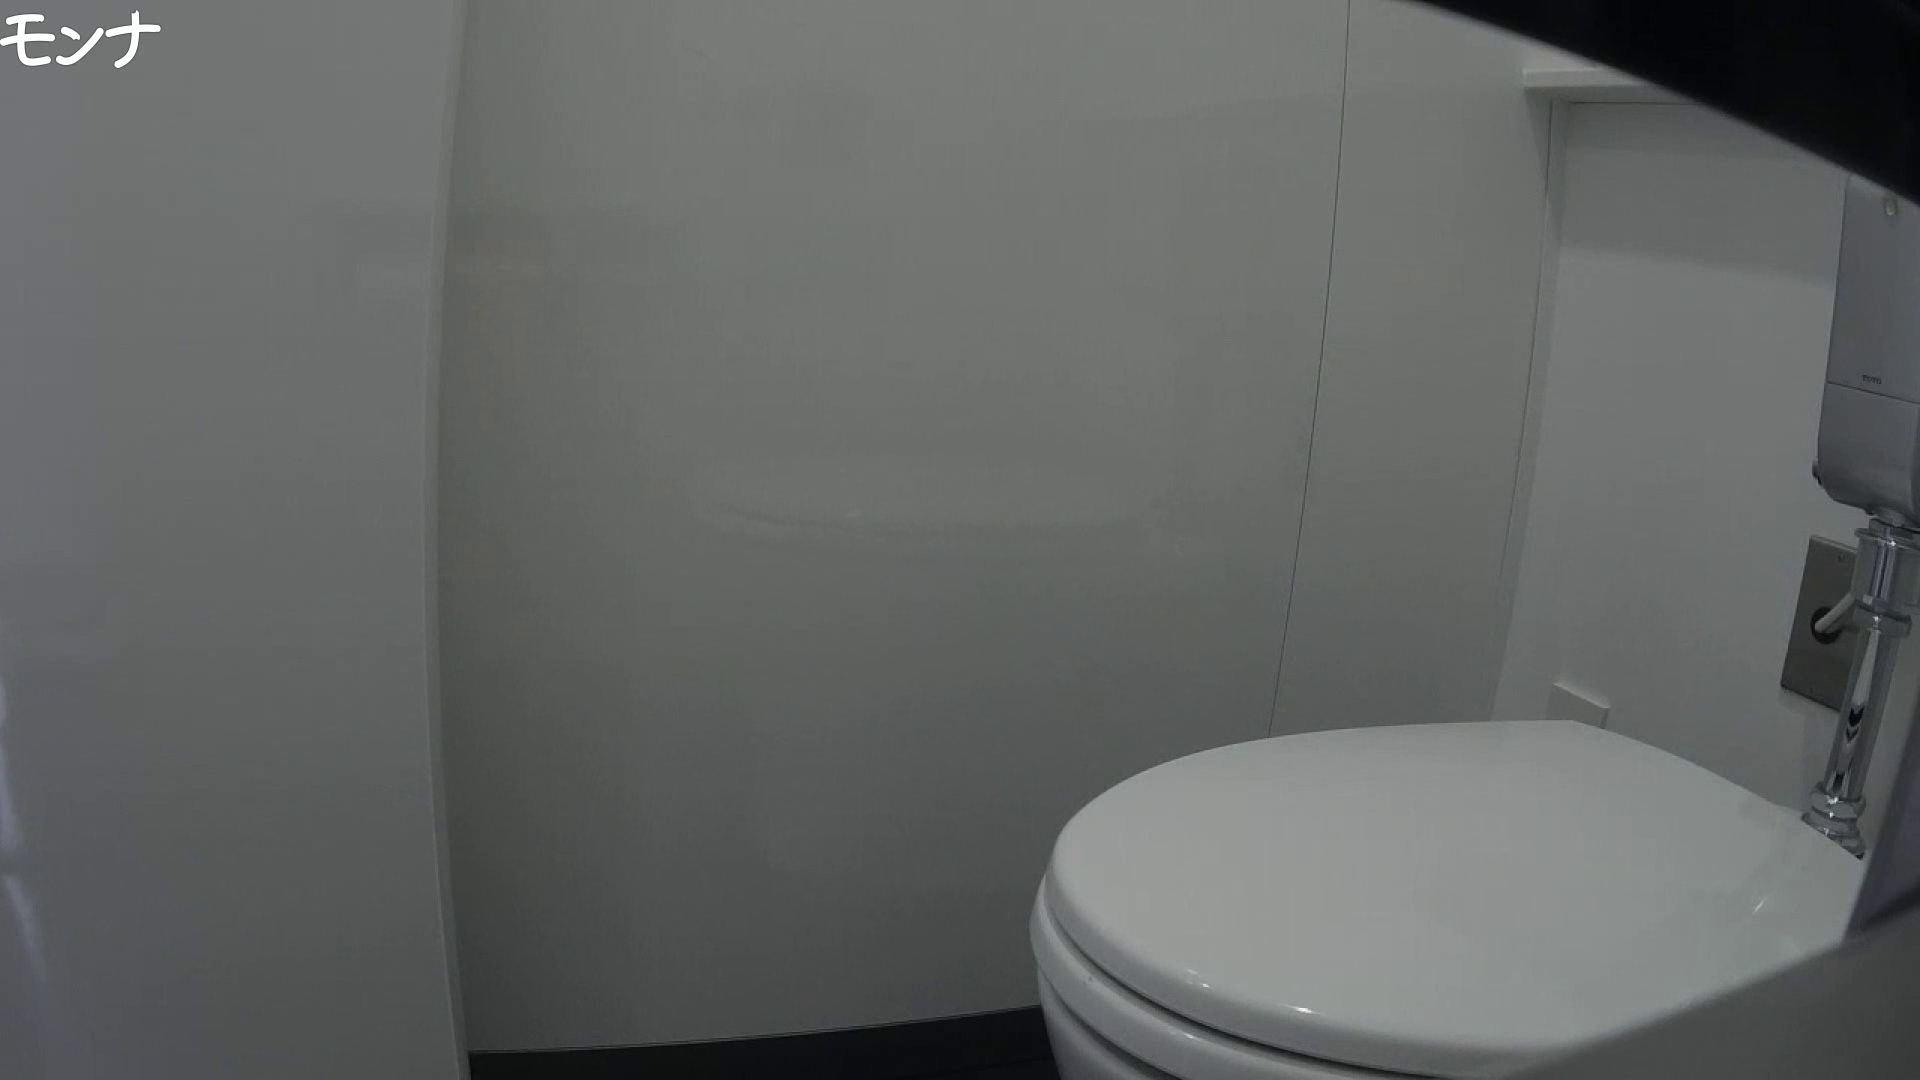 アダルトエロ動画|有名大学女性洗面所 vol.65 秘技!!マルチアングル天井撮り!!|怪盗ジョーカー